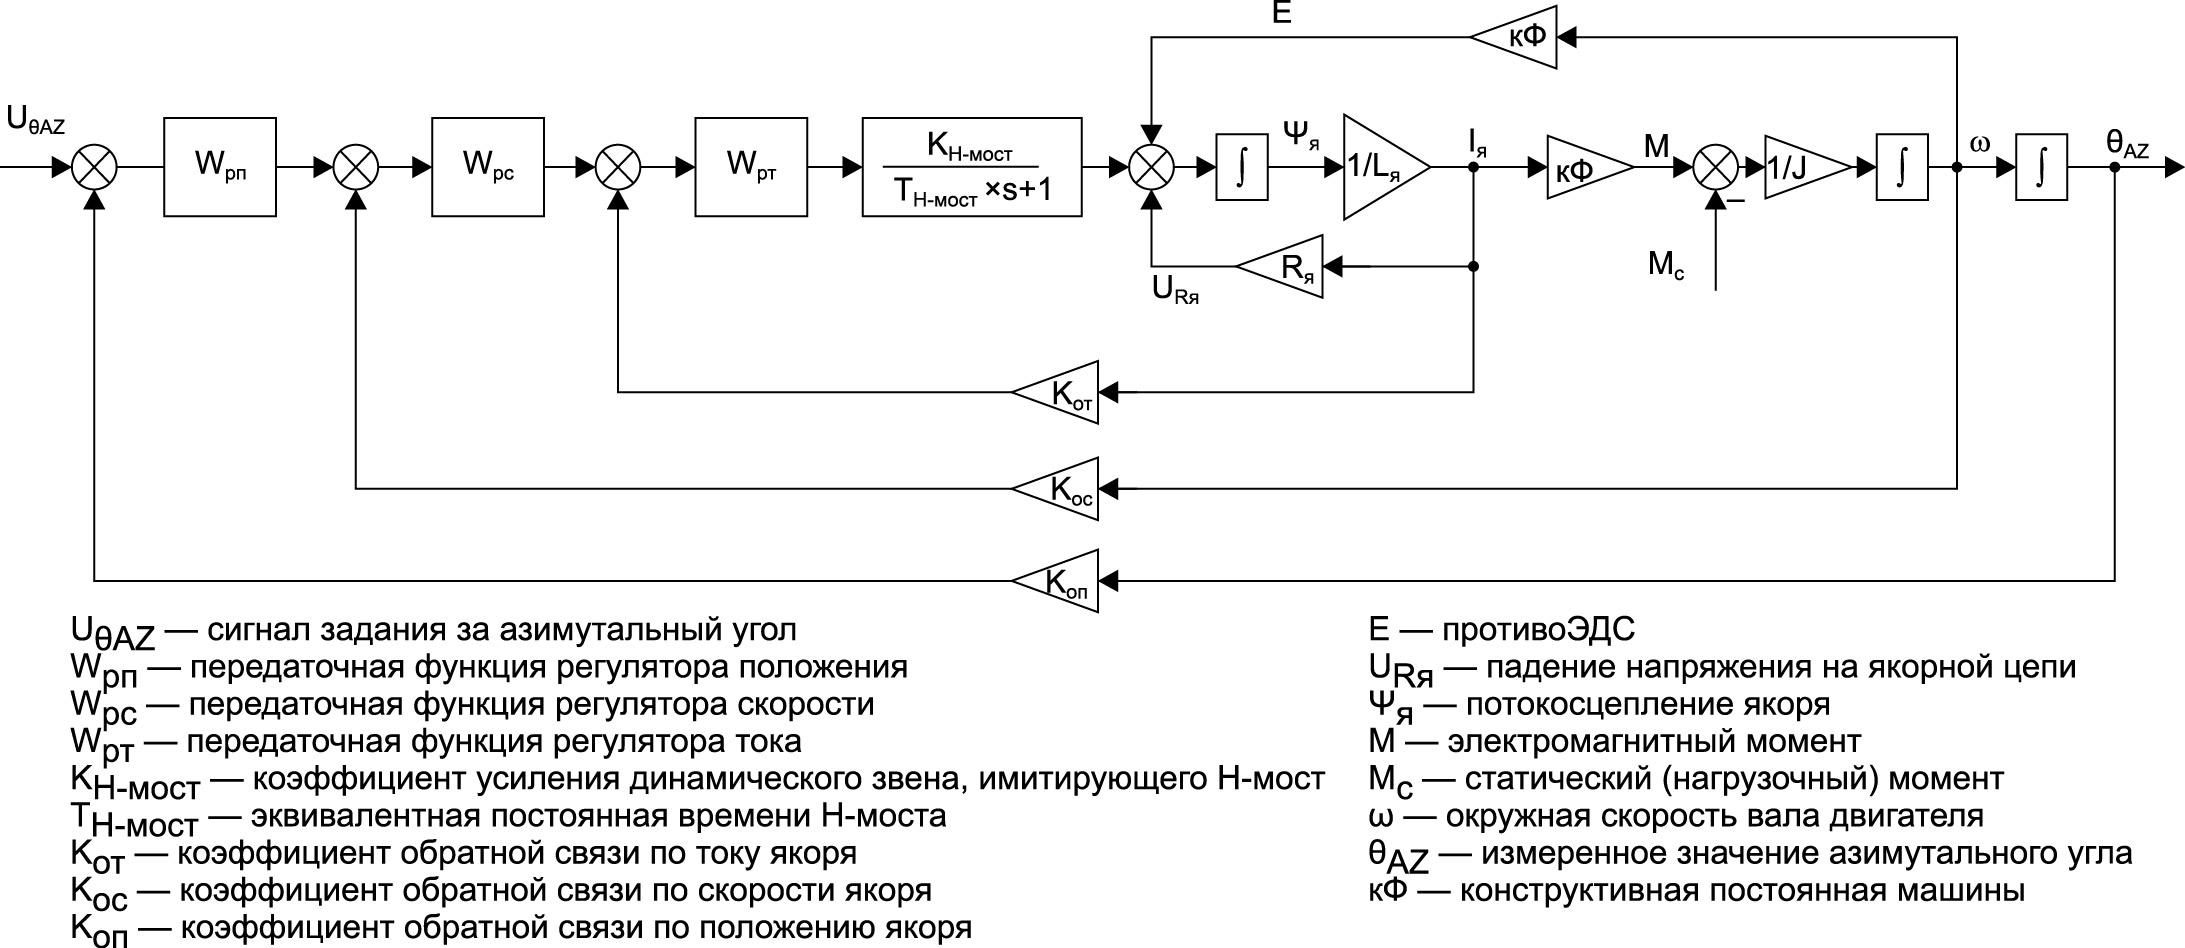 Структурная схема САУ регулирования азимутального угла гелиоэнергетической установки